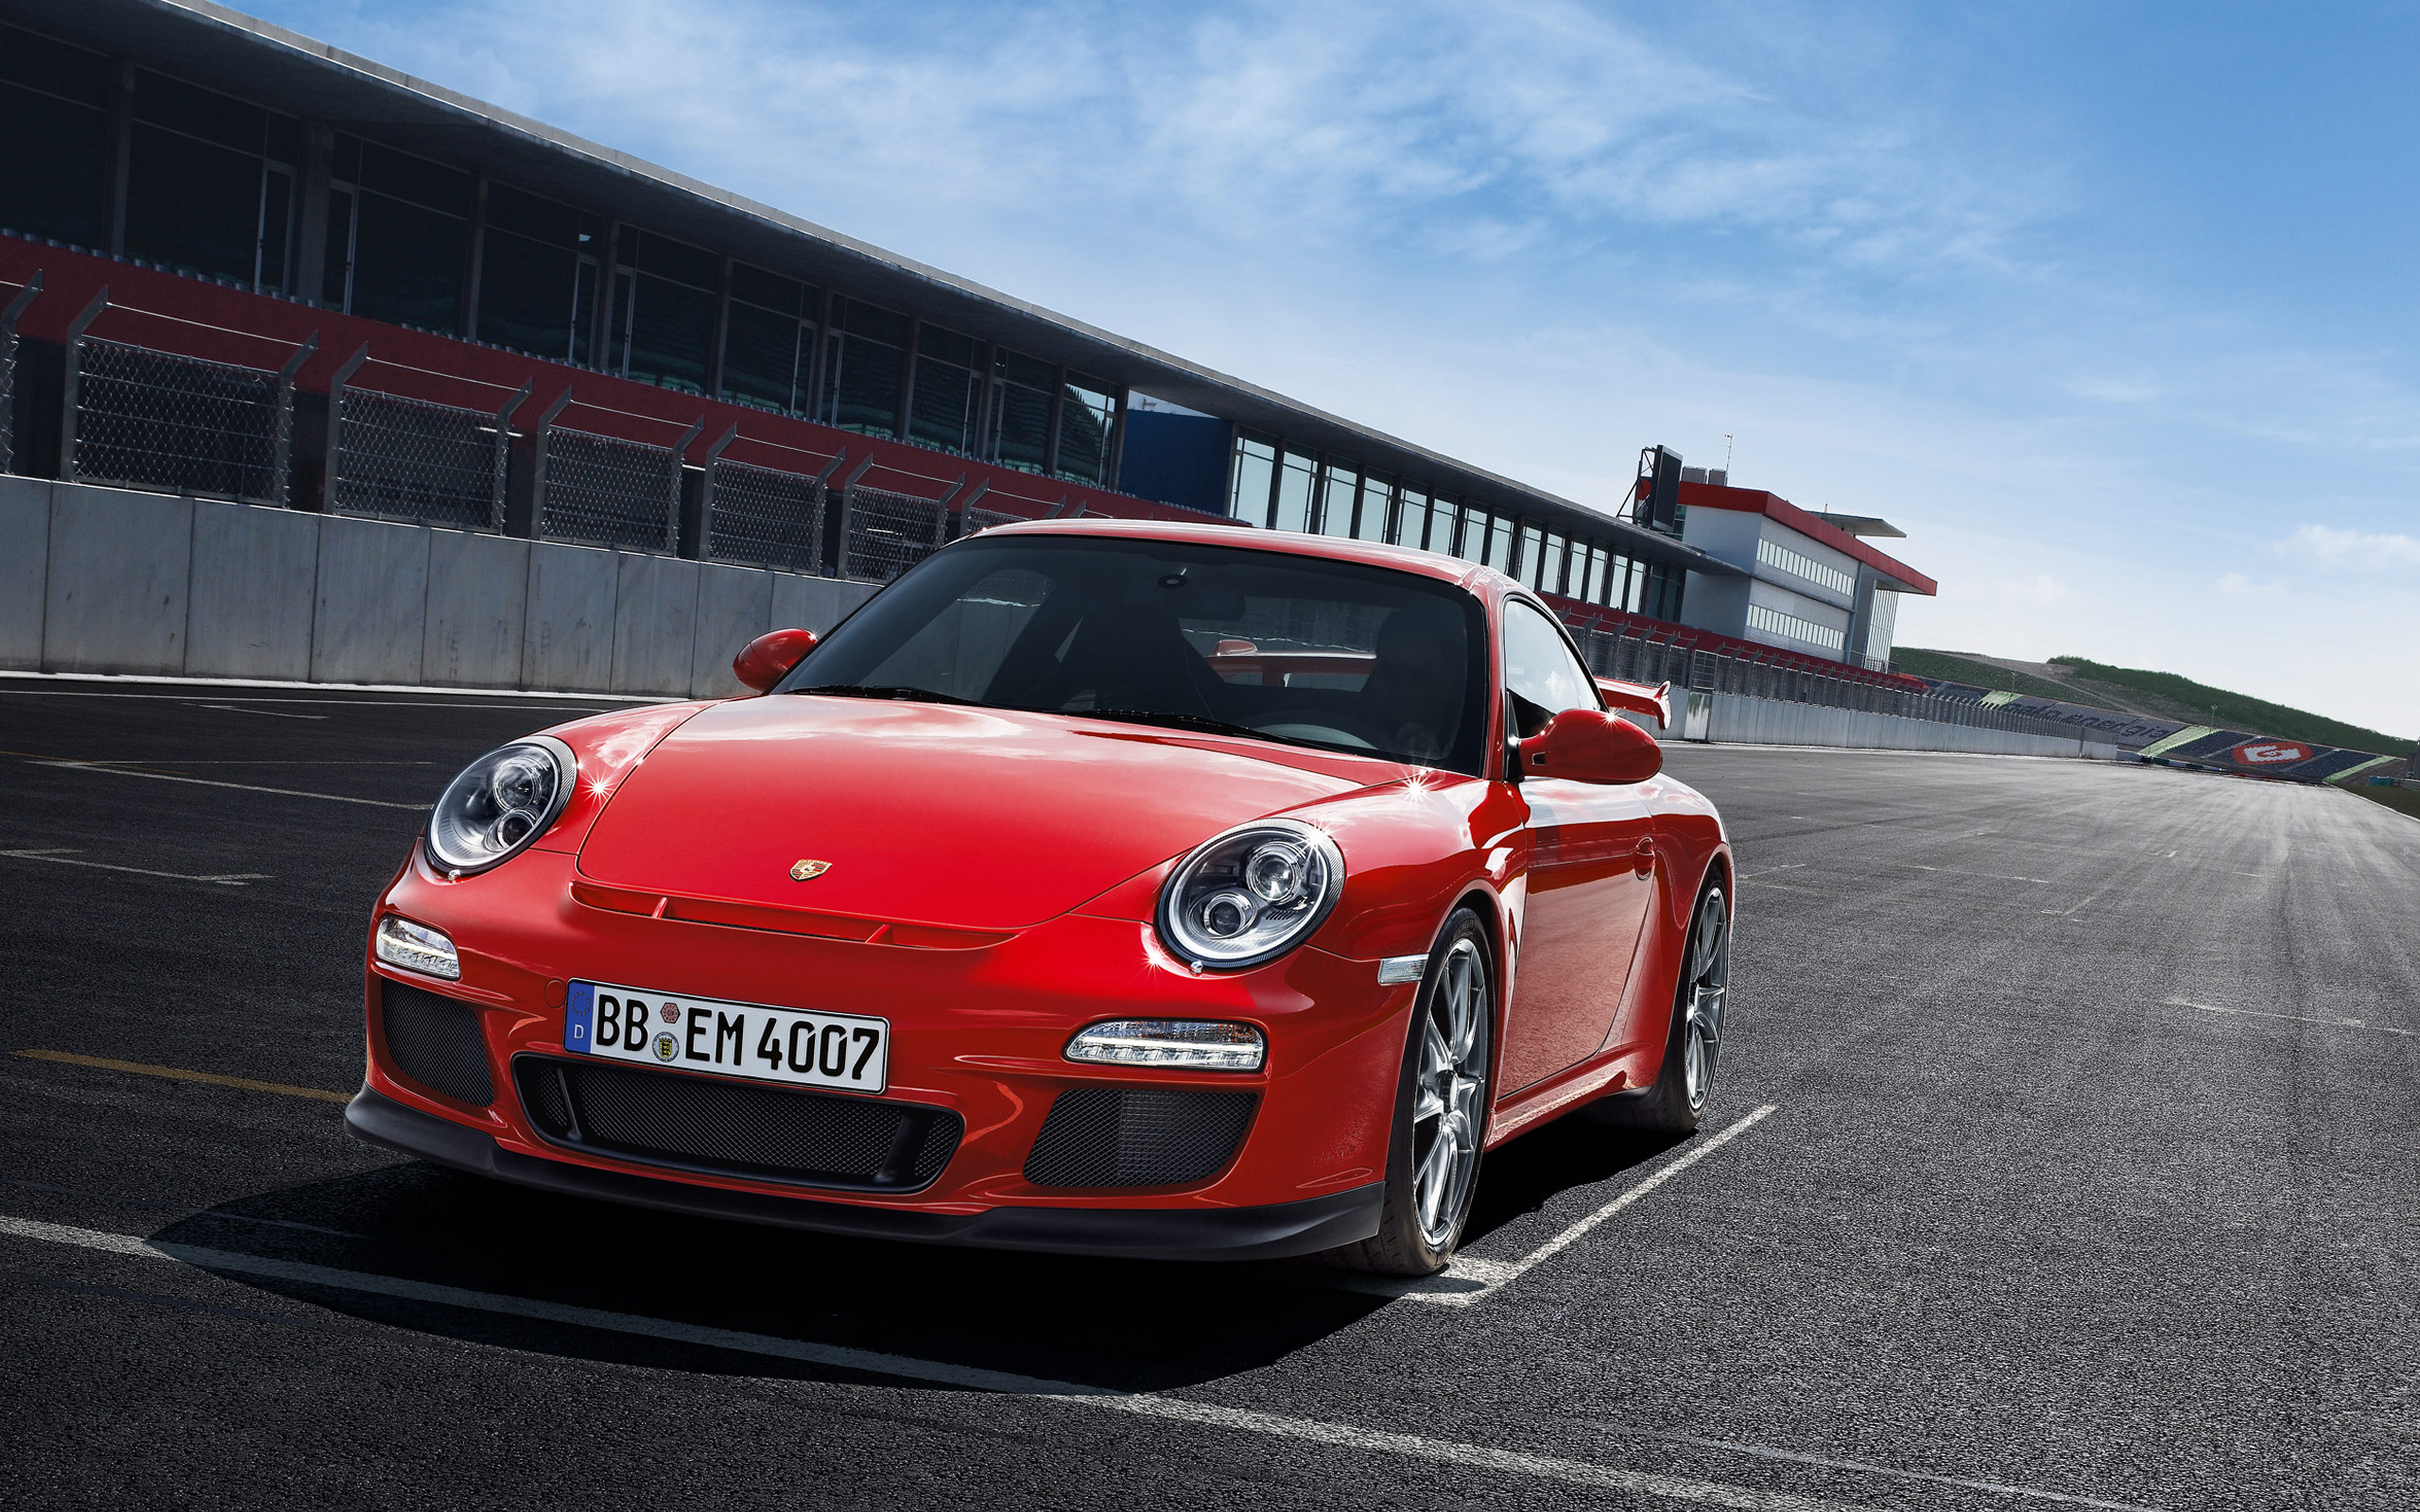 Porsche 911 GT3 2013 Wallpapers HD Wallpapers 2560x1600